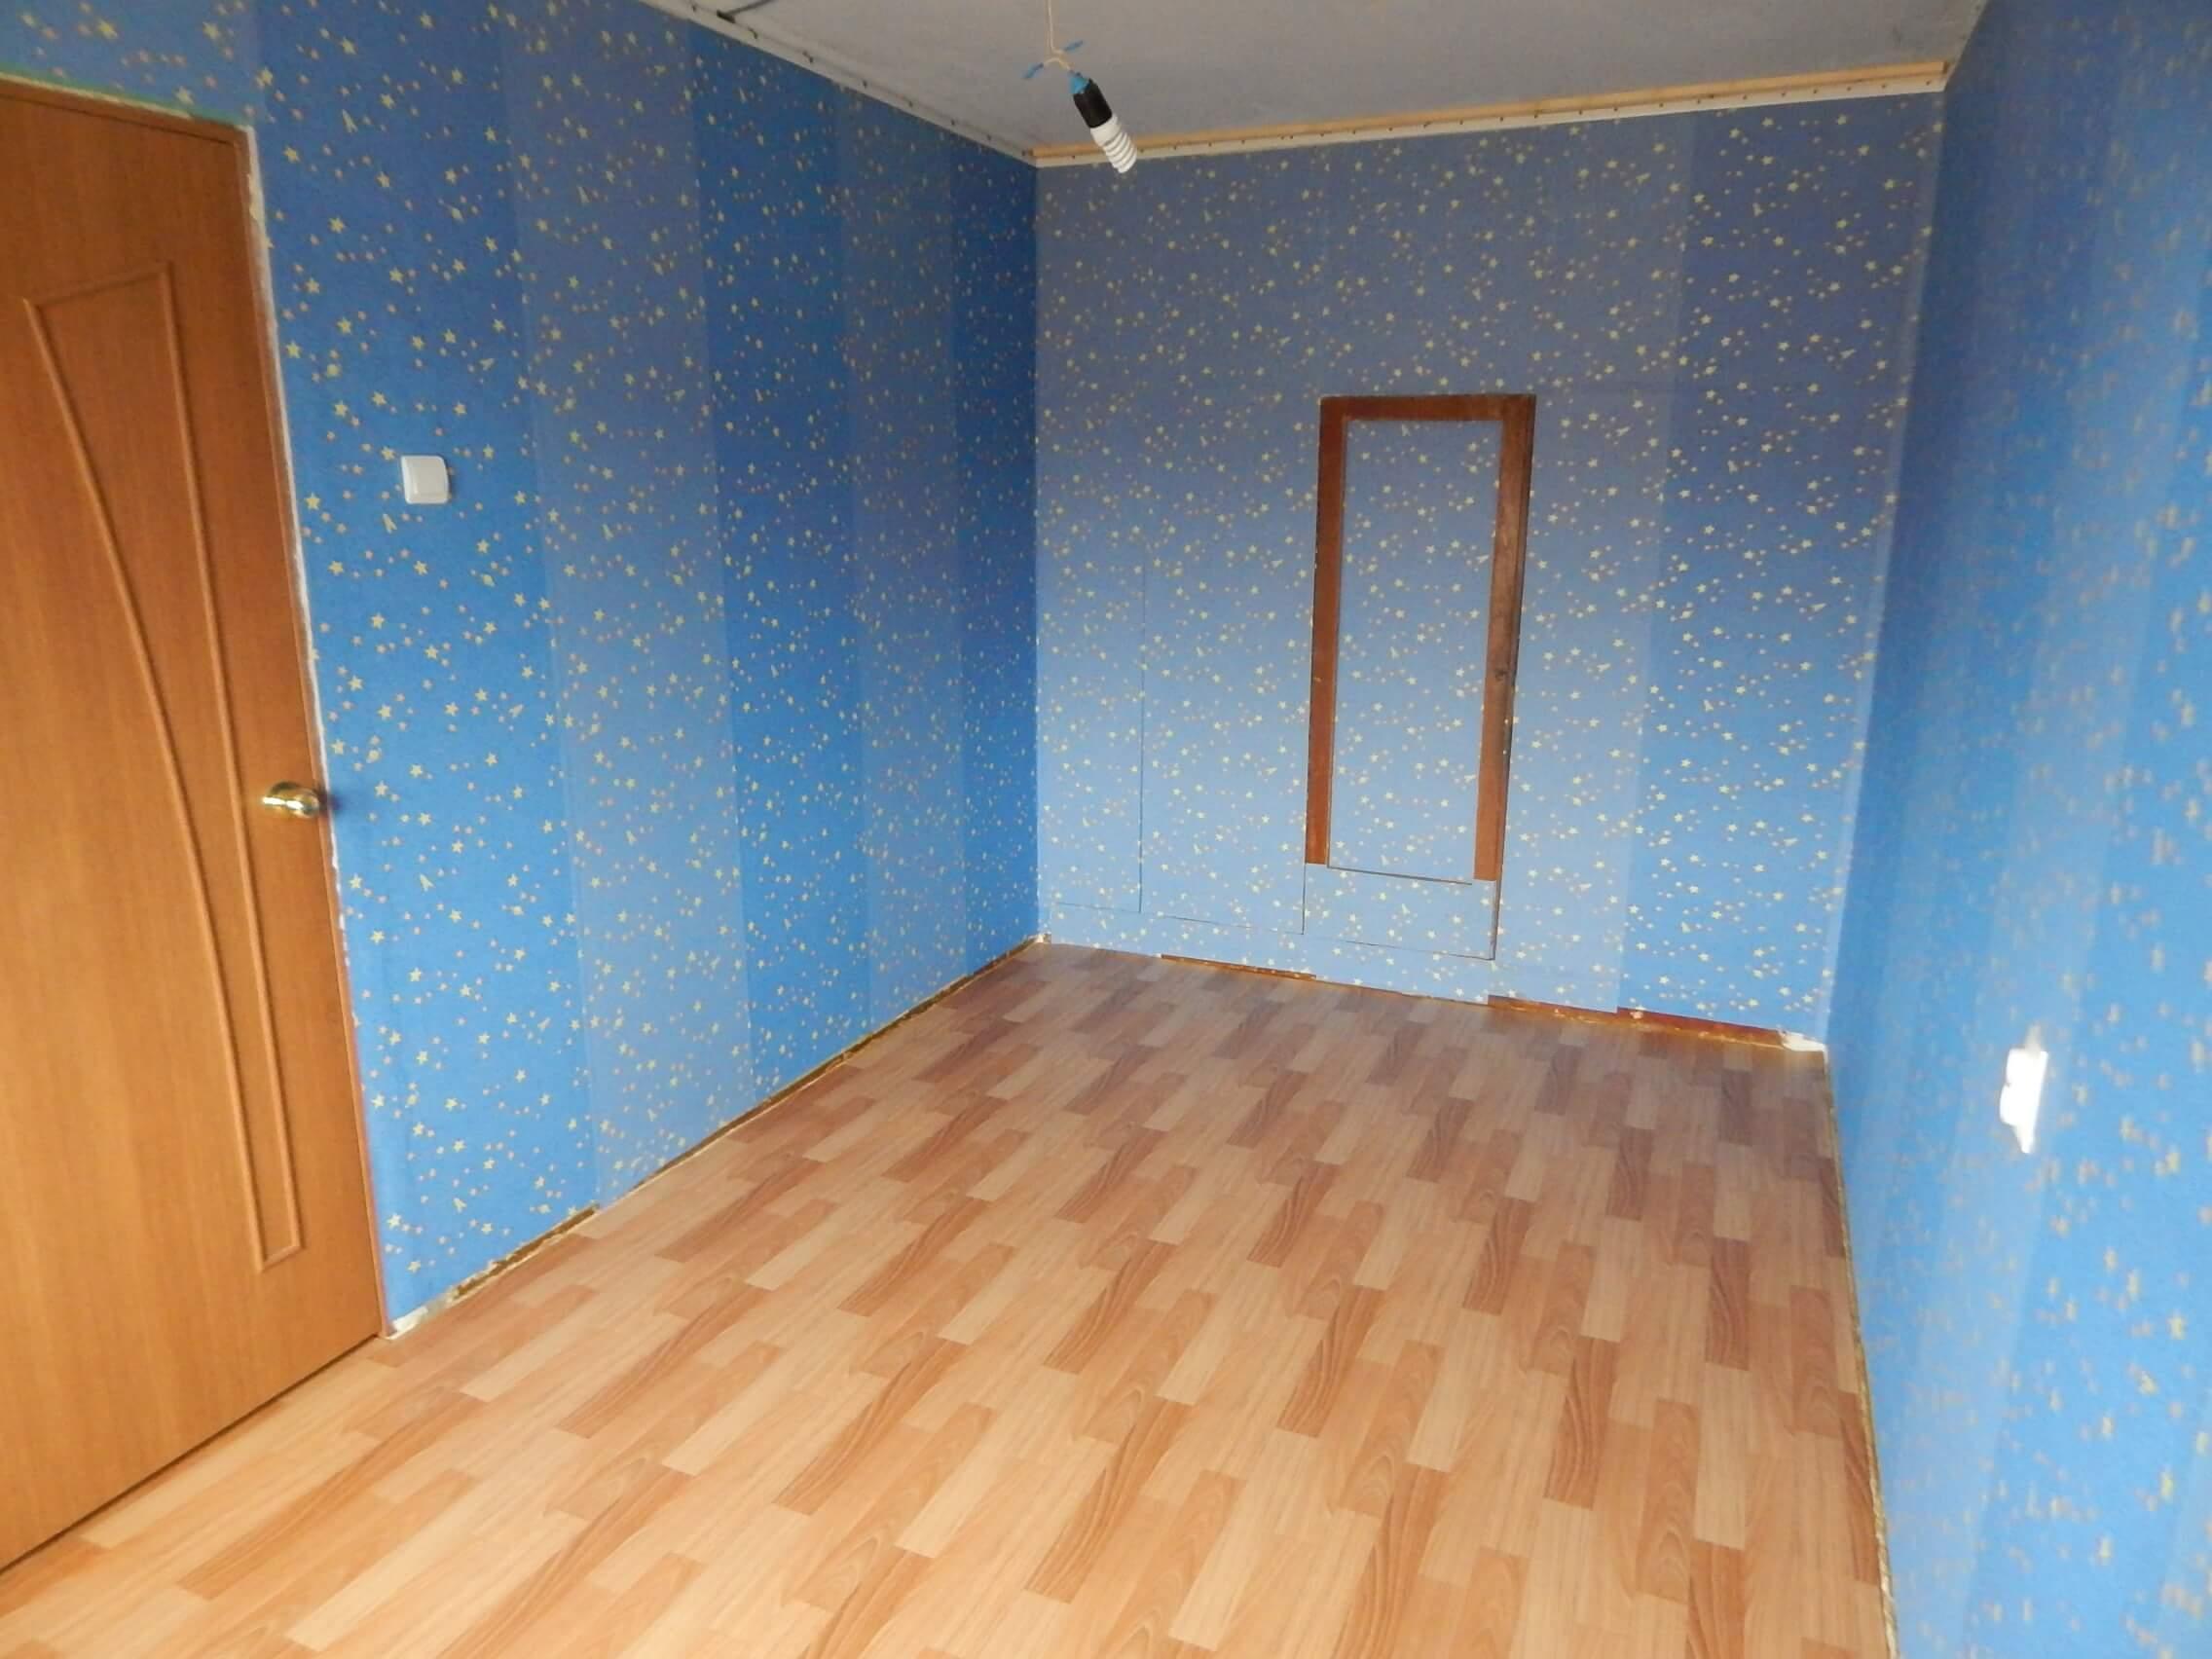 Экономный ремонт квартиры своими руками 6